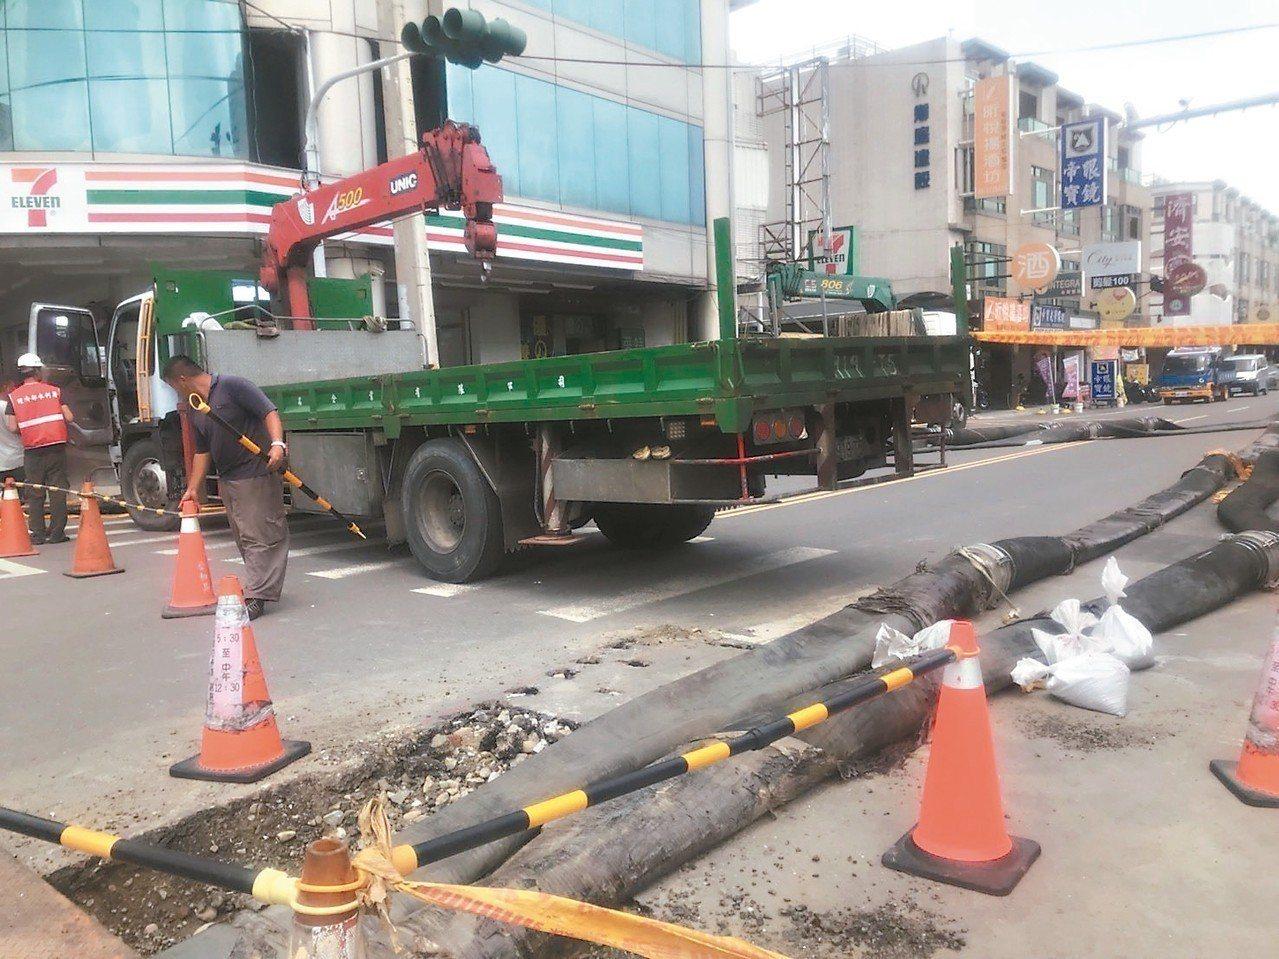 台南市政府目前已調派4部抽水機待命,下雨就啟動抽水,未來將興建直徑2公尺的排水管...